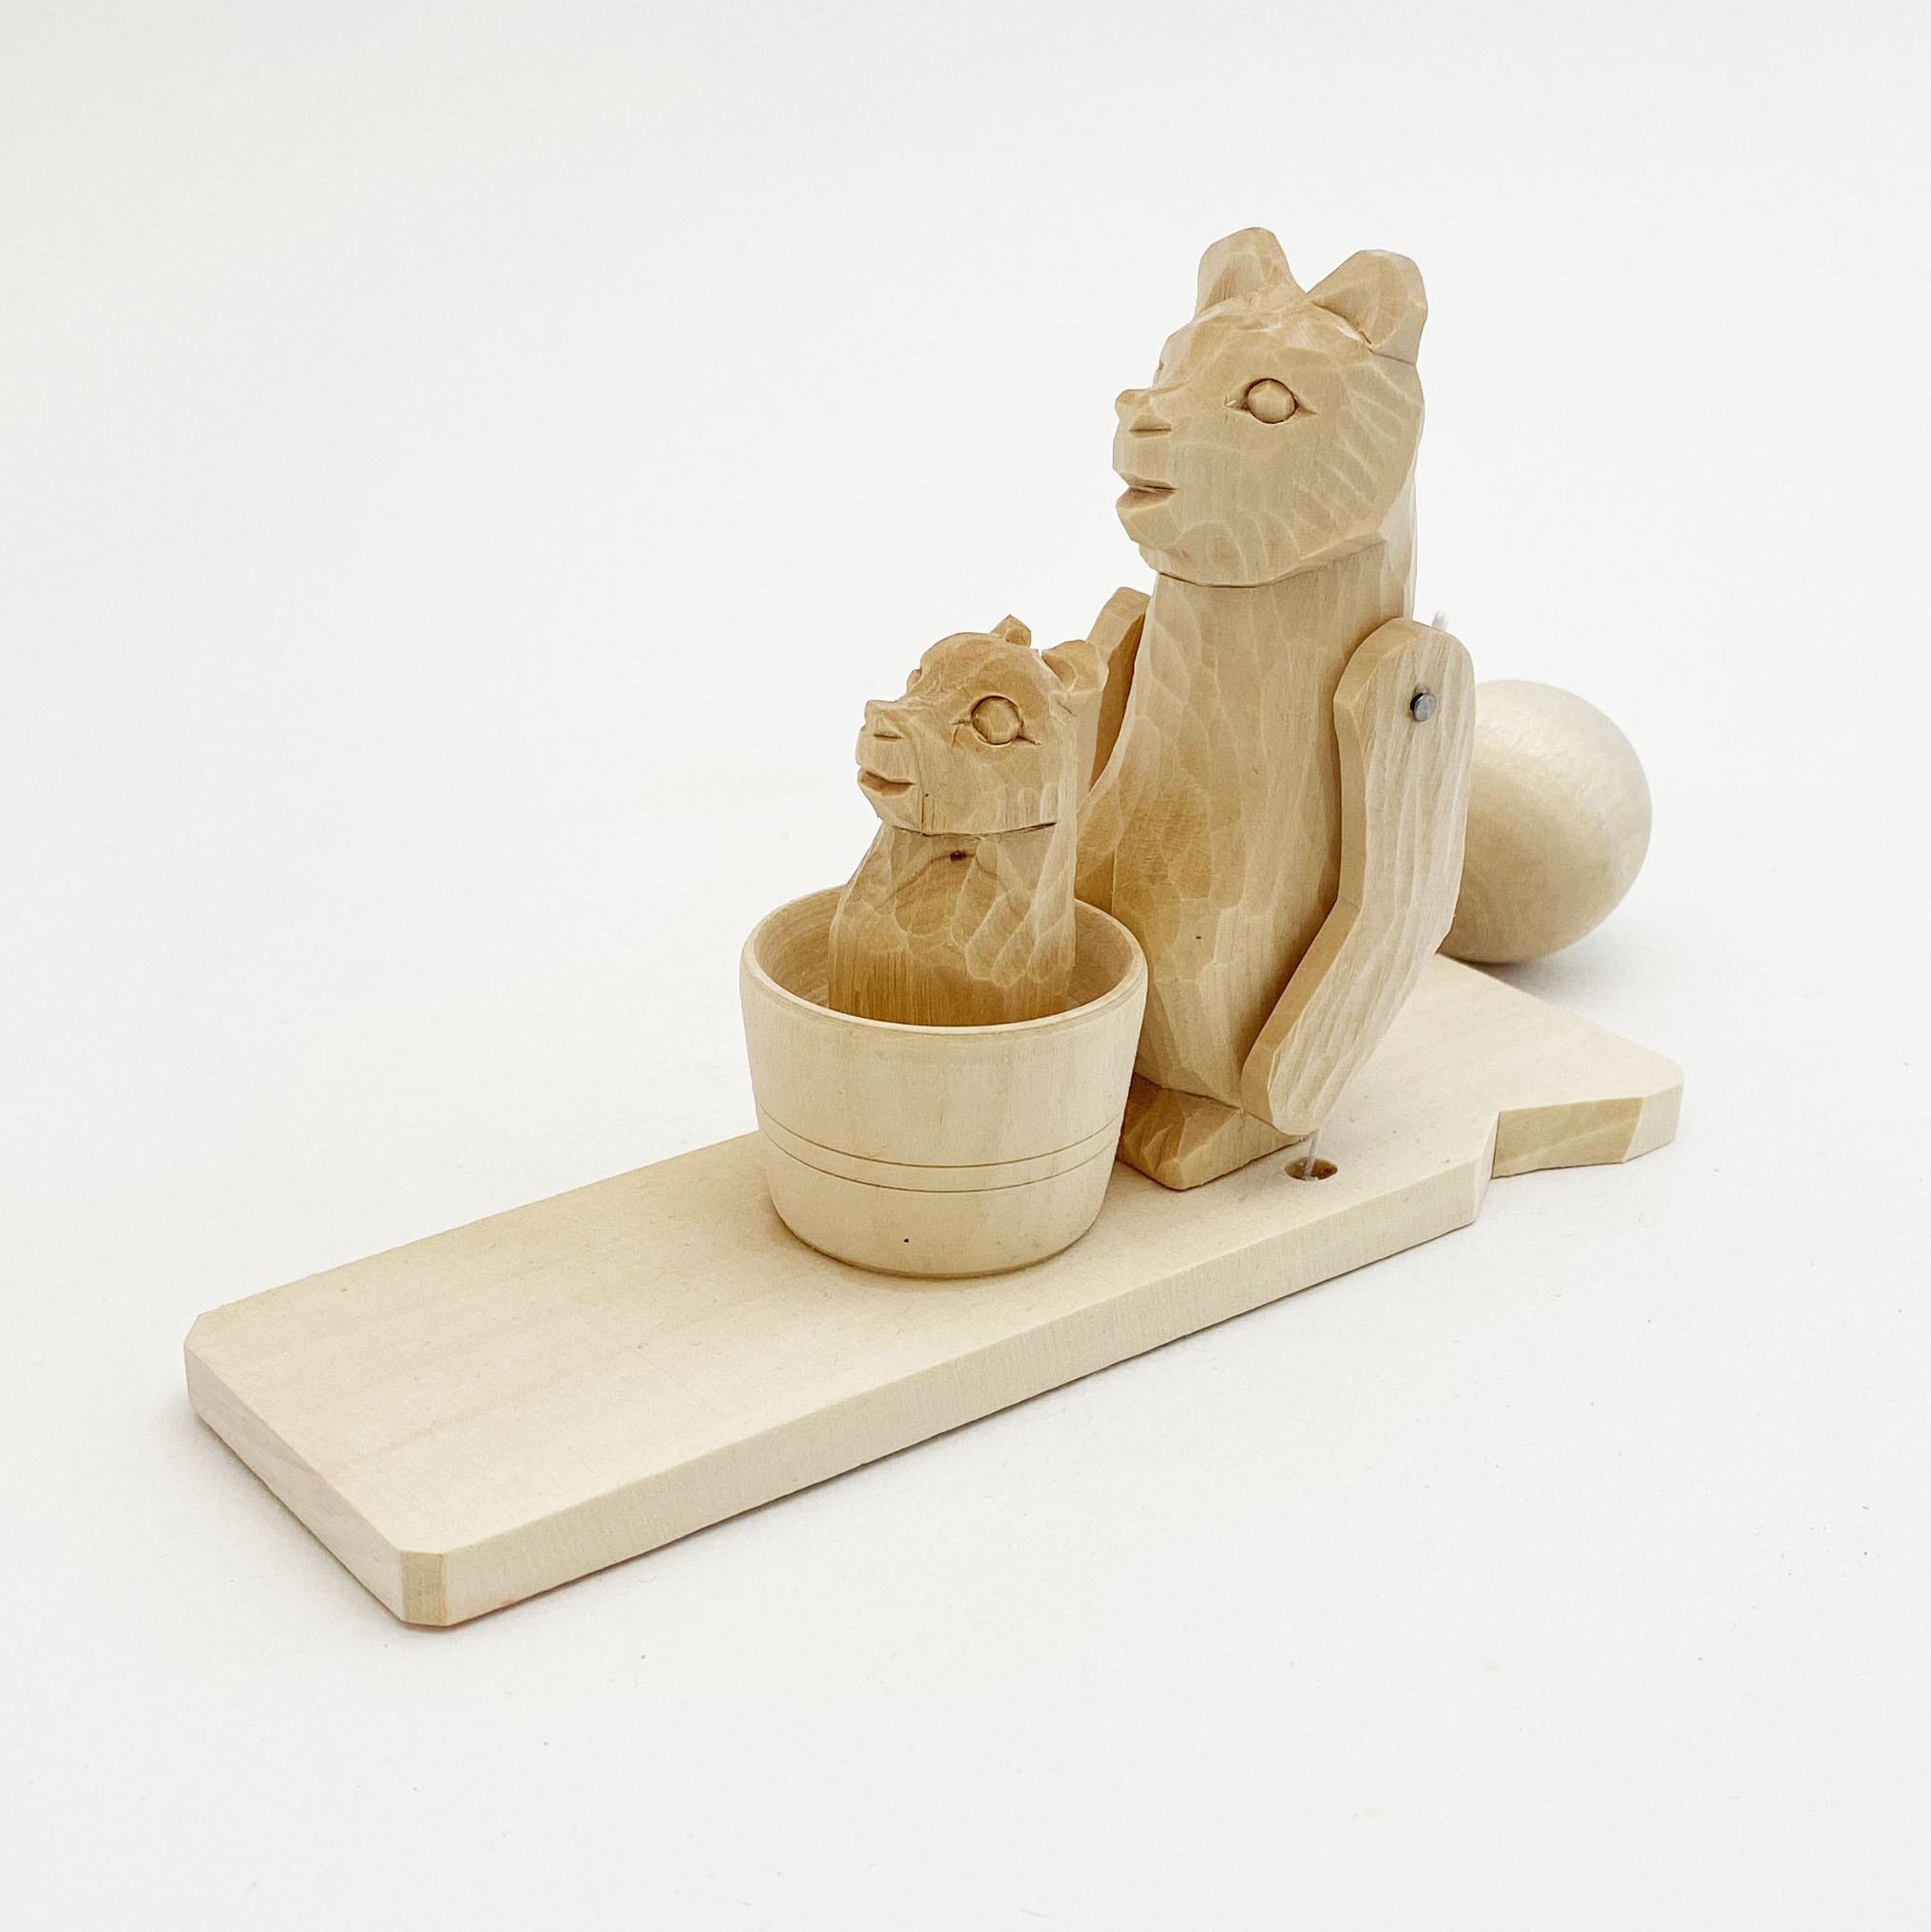 ボゴロツコエ木地玩具「クマ親子でお風呂」